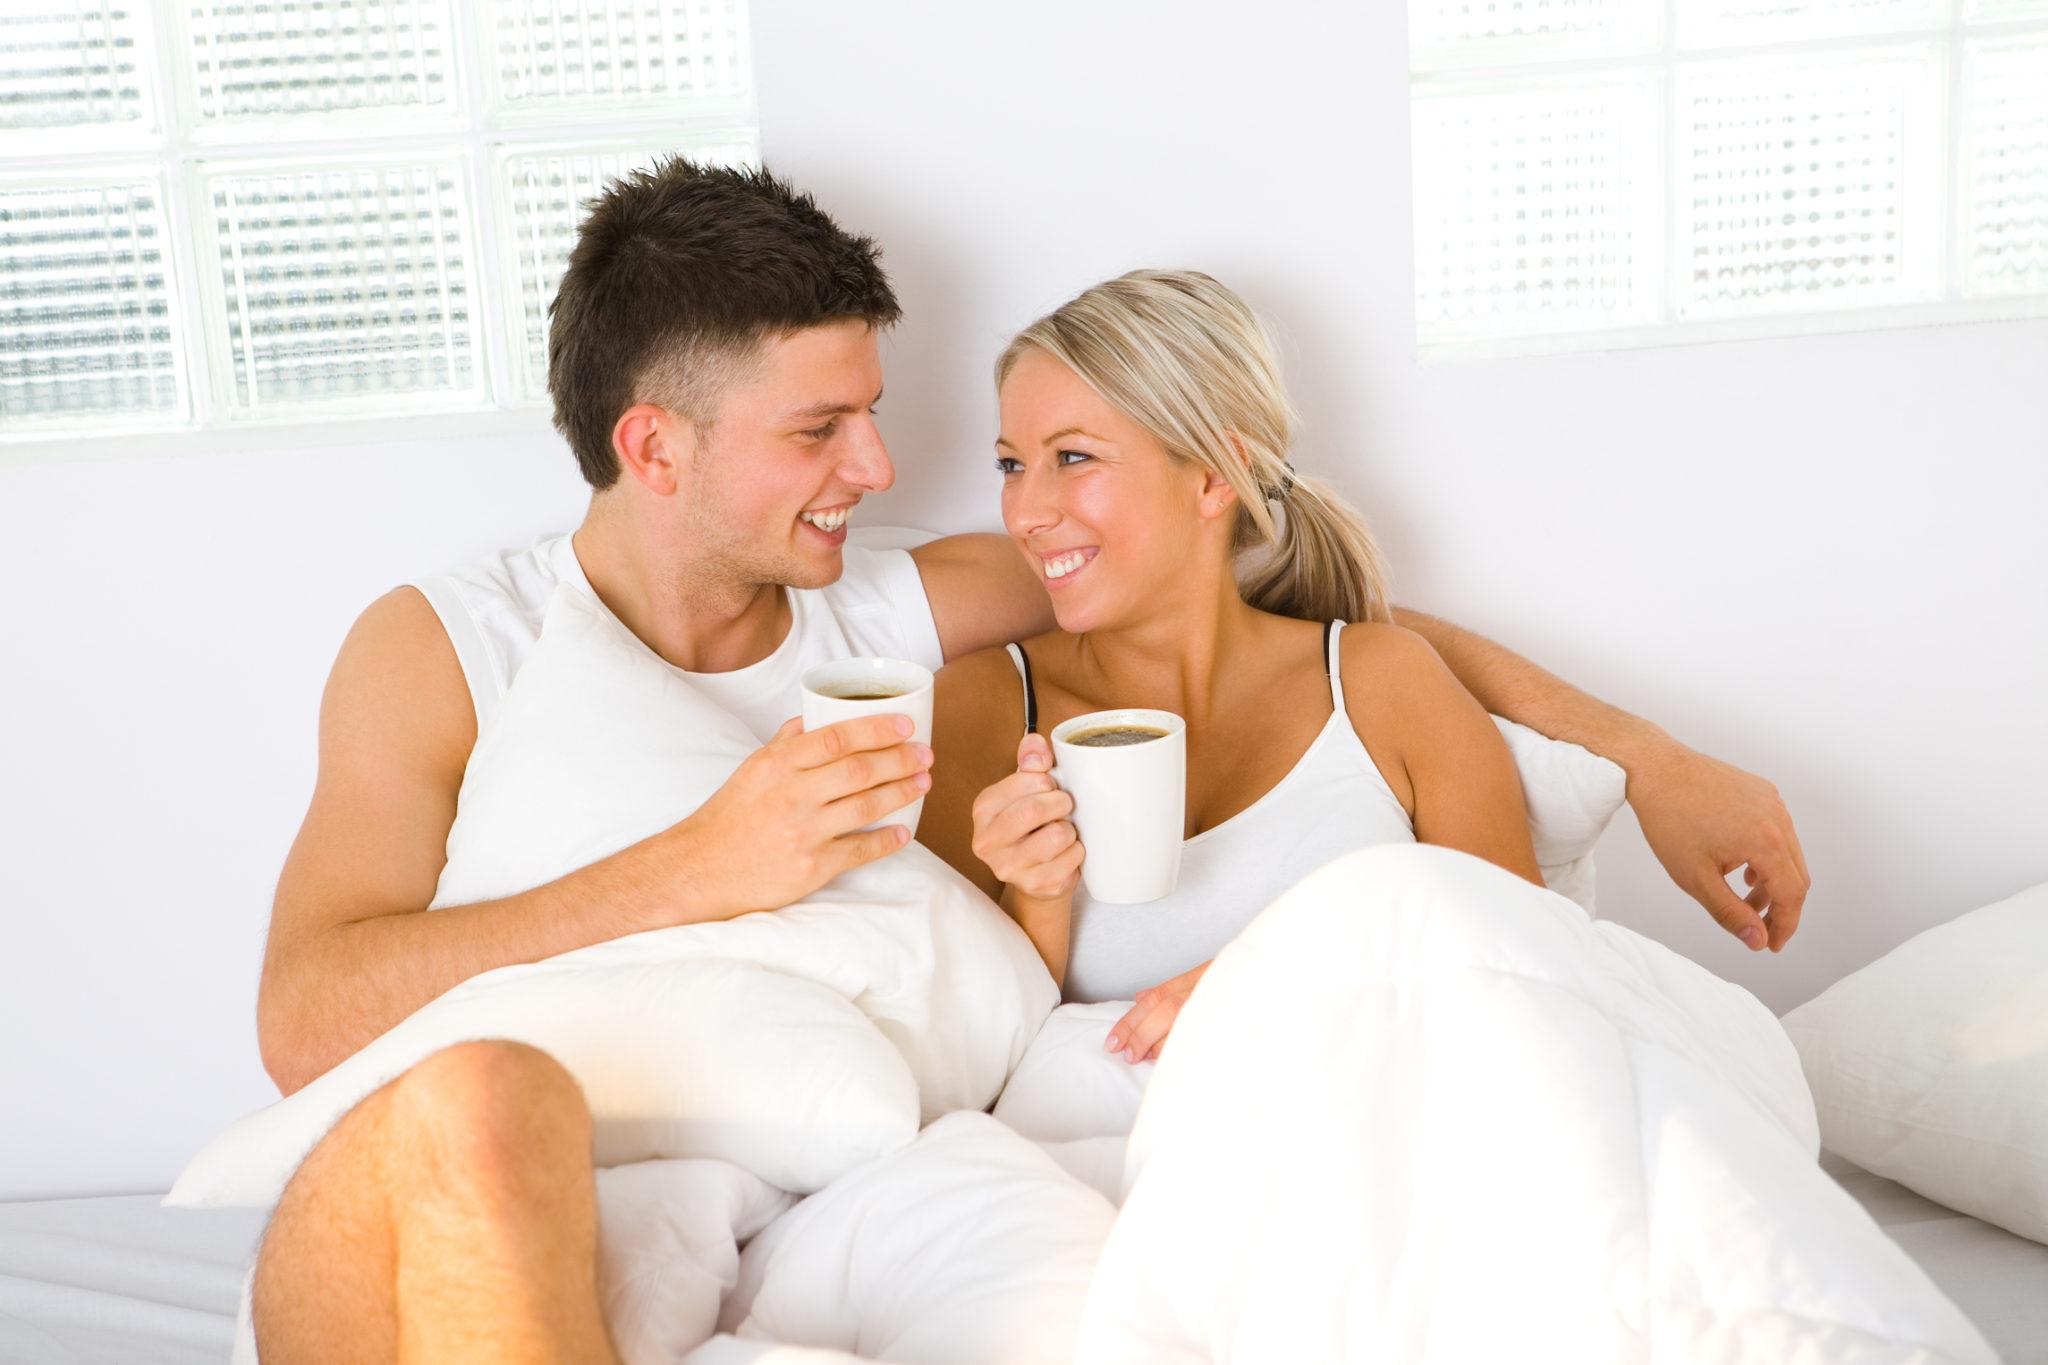 Erste gemeinsame Wohnung: Partnermatratze oder ...